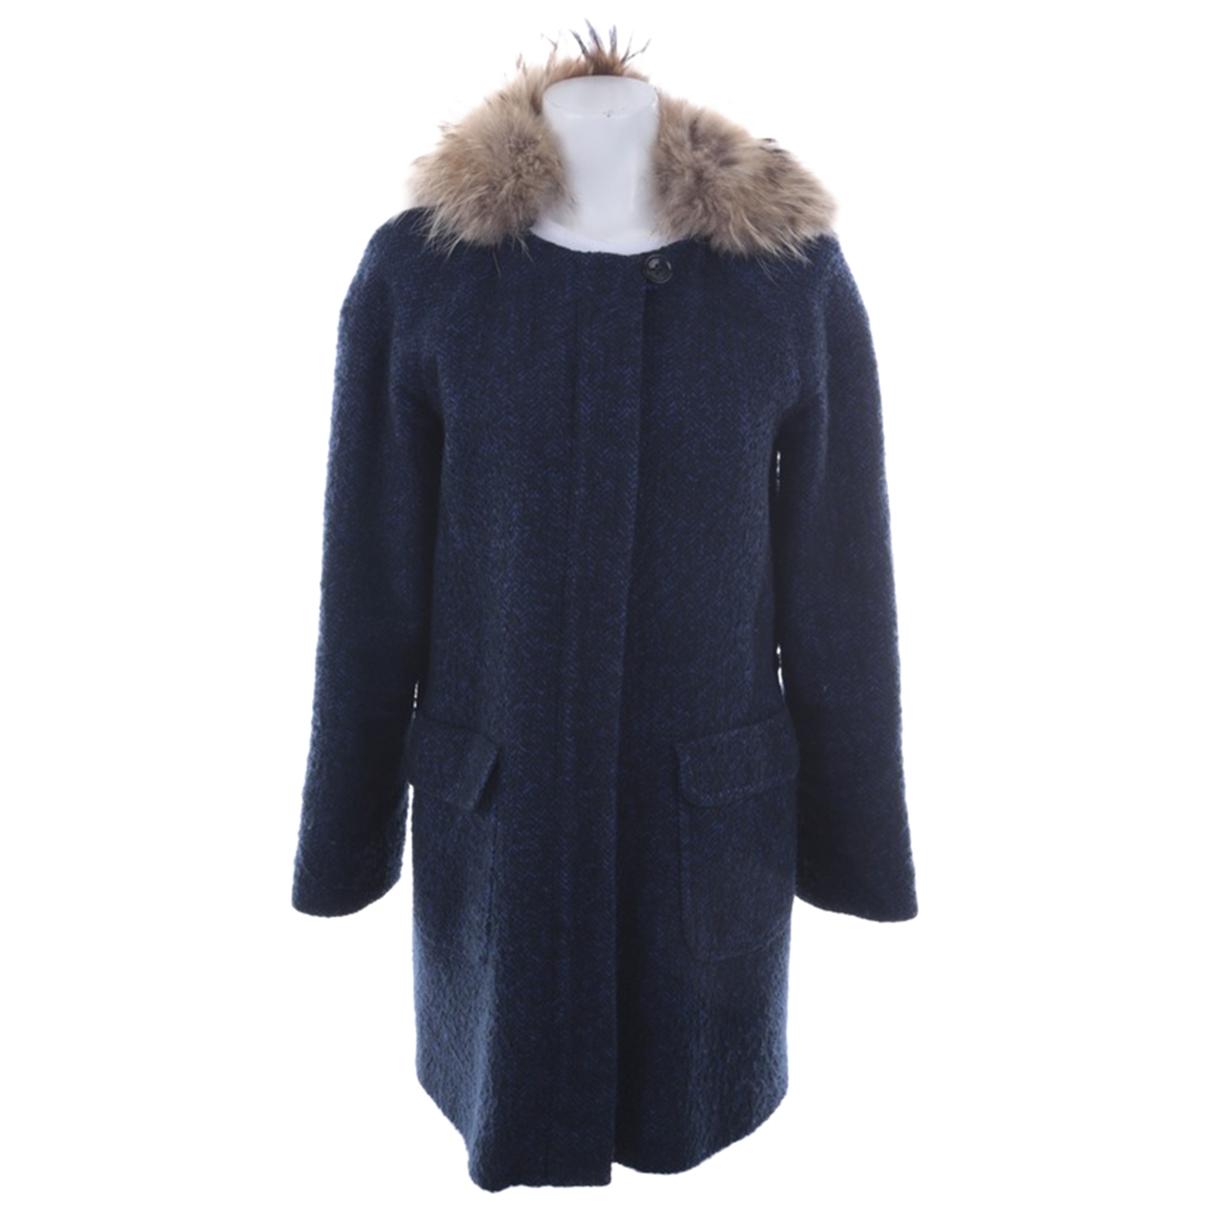 Iq+ Berlin \N Blue Cotton coat for Women 36 FR